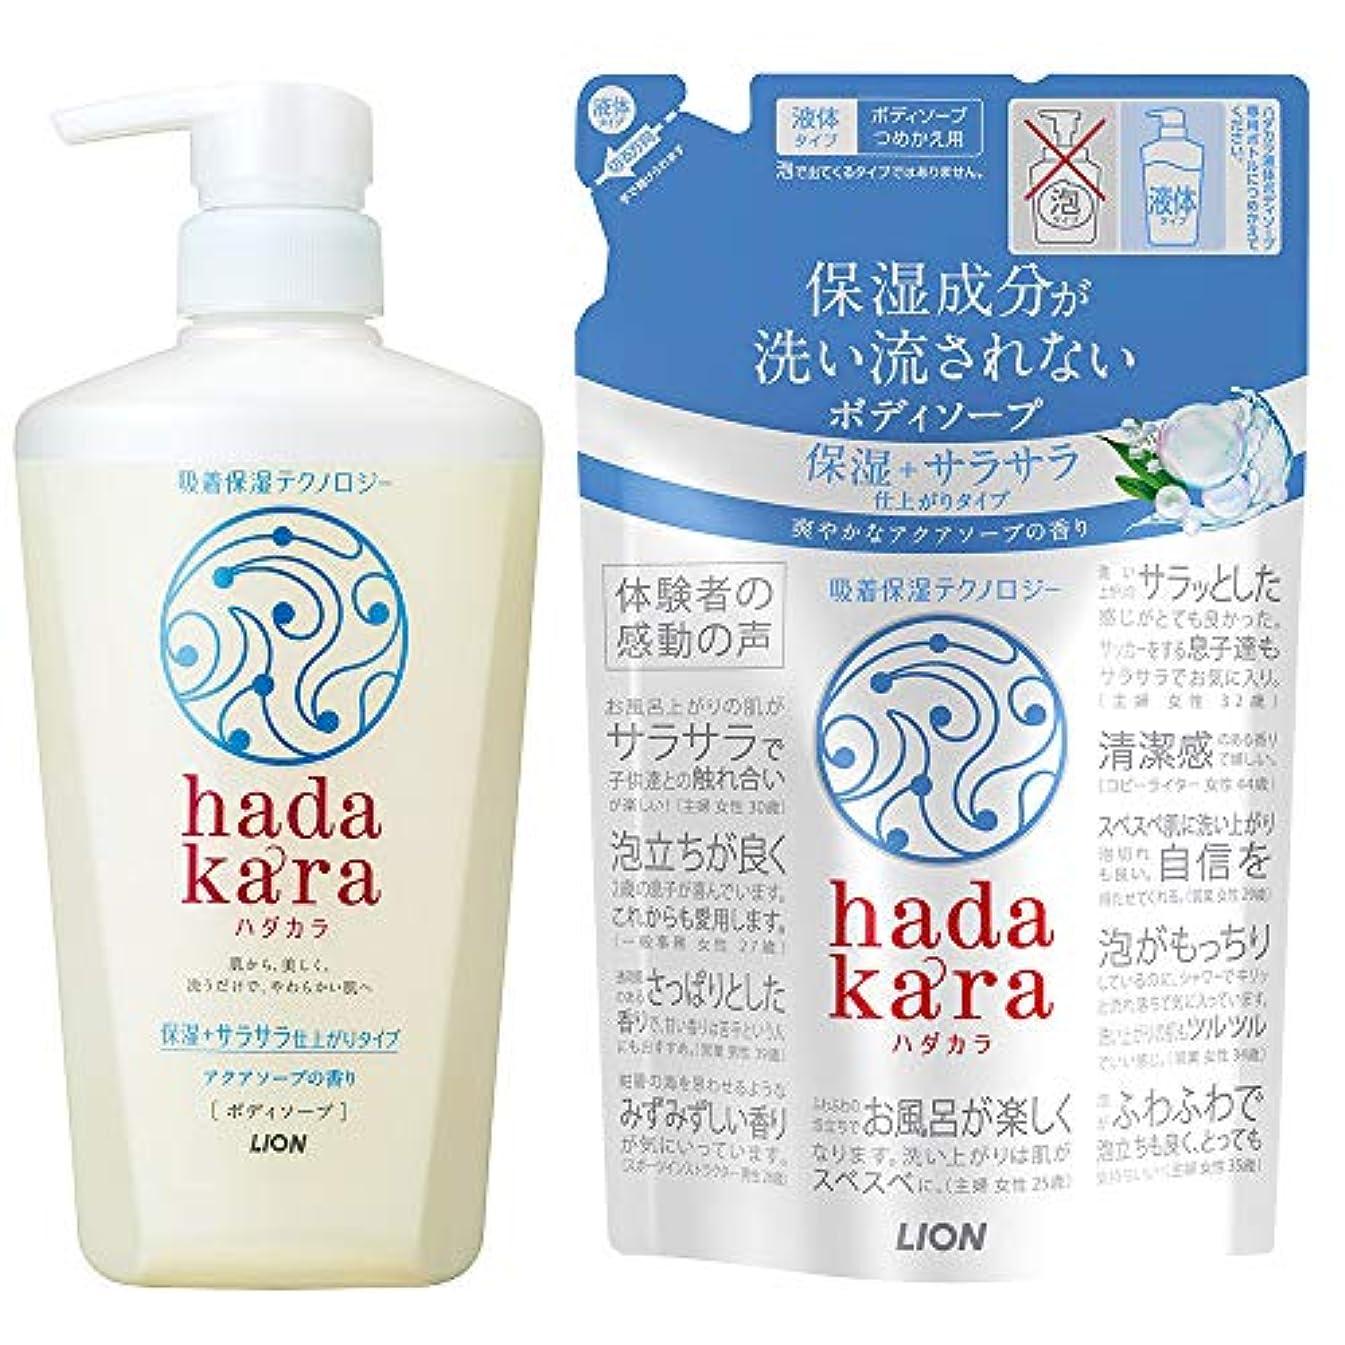 腐ったインポート拳hadakara(ハダカラ) ボディソープ 保湿+サラサラ仕上がりタイプ アクアソープの香り (本体480ml+つめかえ340ml) アクアソープ(保湿+サラサラ仕上がり) +